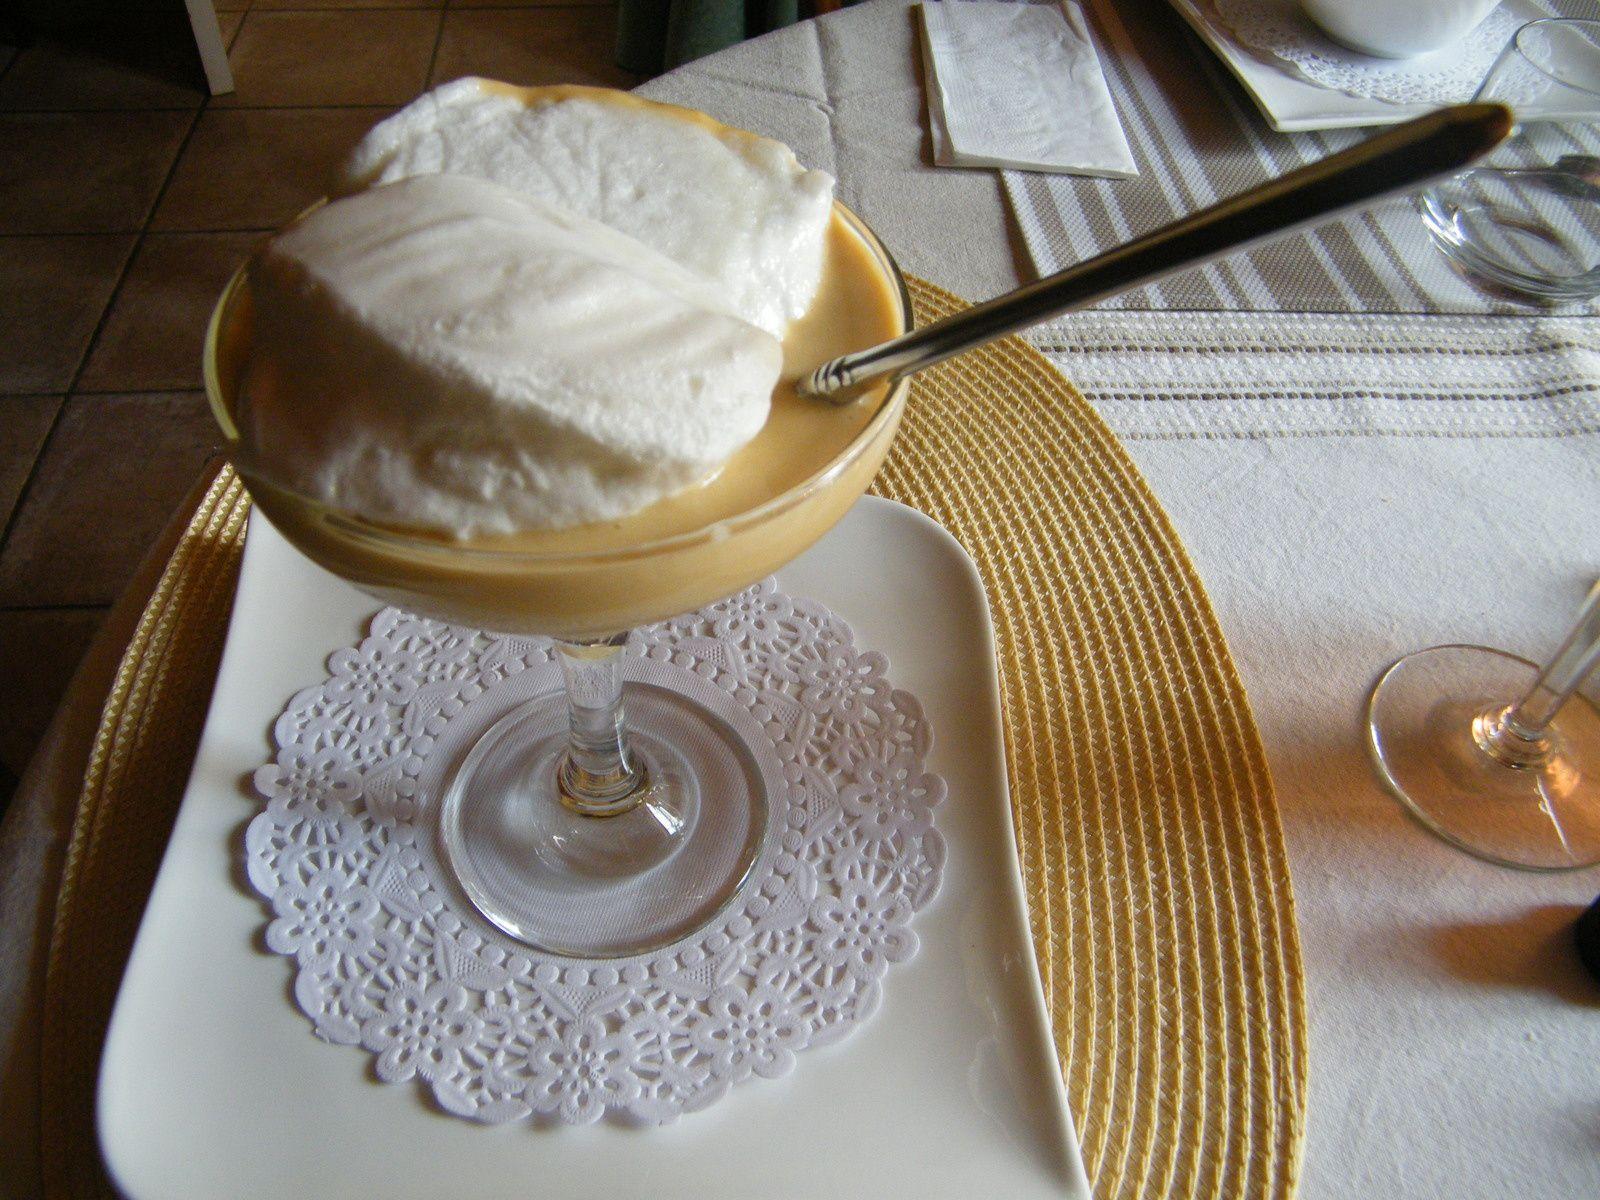 j' aime beaucoup ce dessert très léger, j'en prenais souvent au restaurant, mais pas facile d'être sûre que c' est fait maison ...